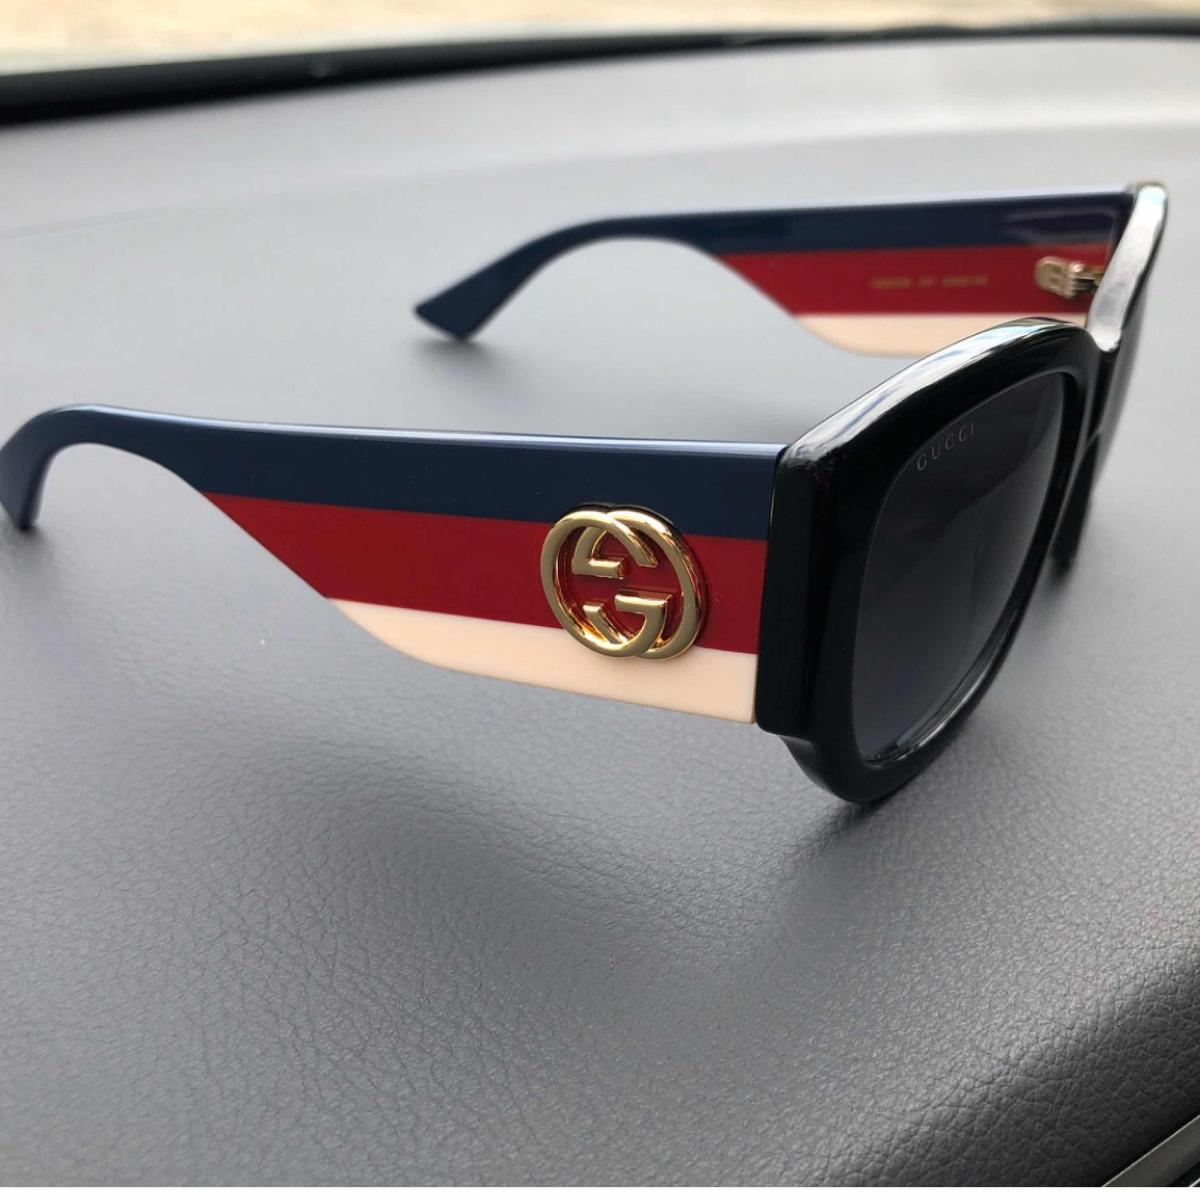 dc0d8fb4f Óculos Gucci Preto Com Haste Tricolor Original - R$ 1.199,00 em ...